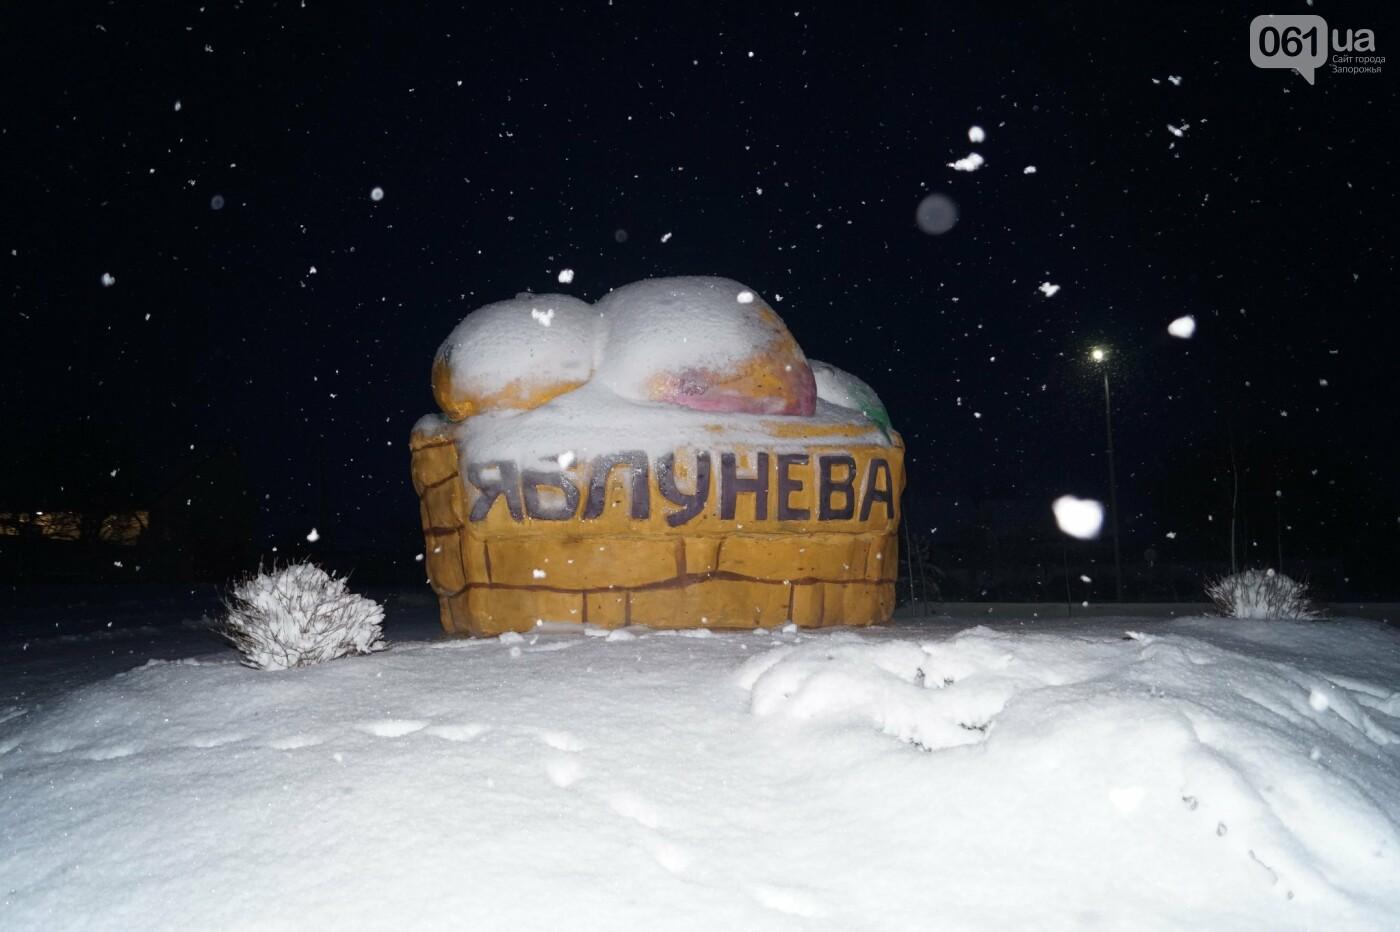 Ночная метель и заснеженный парк с высоты: жители Запорожской области делятся зимними фото , фото-12